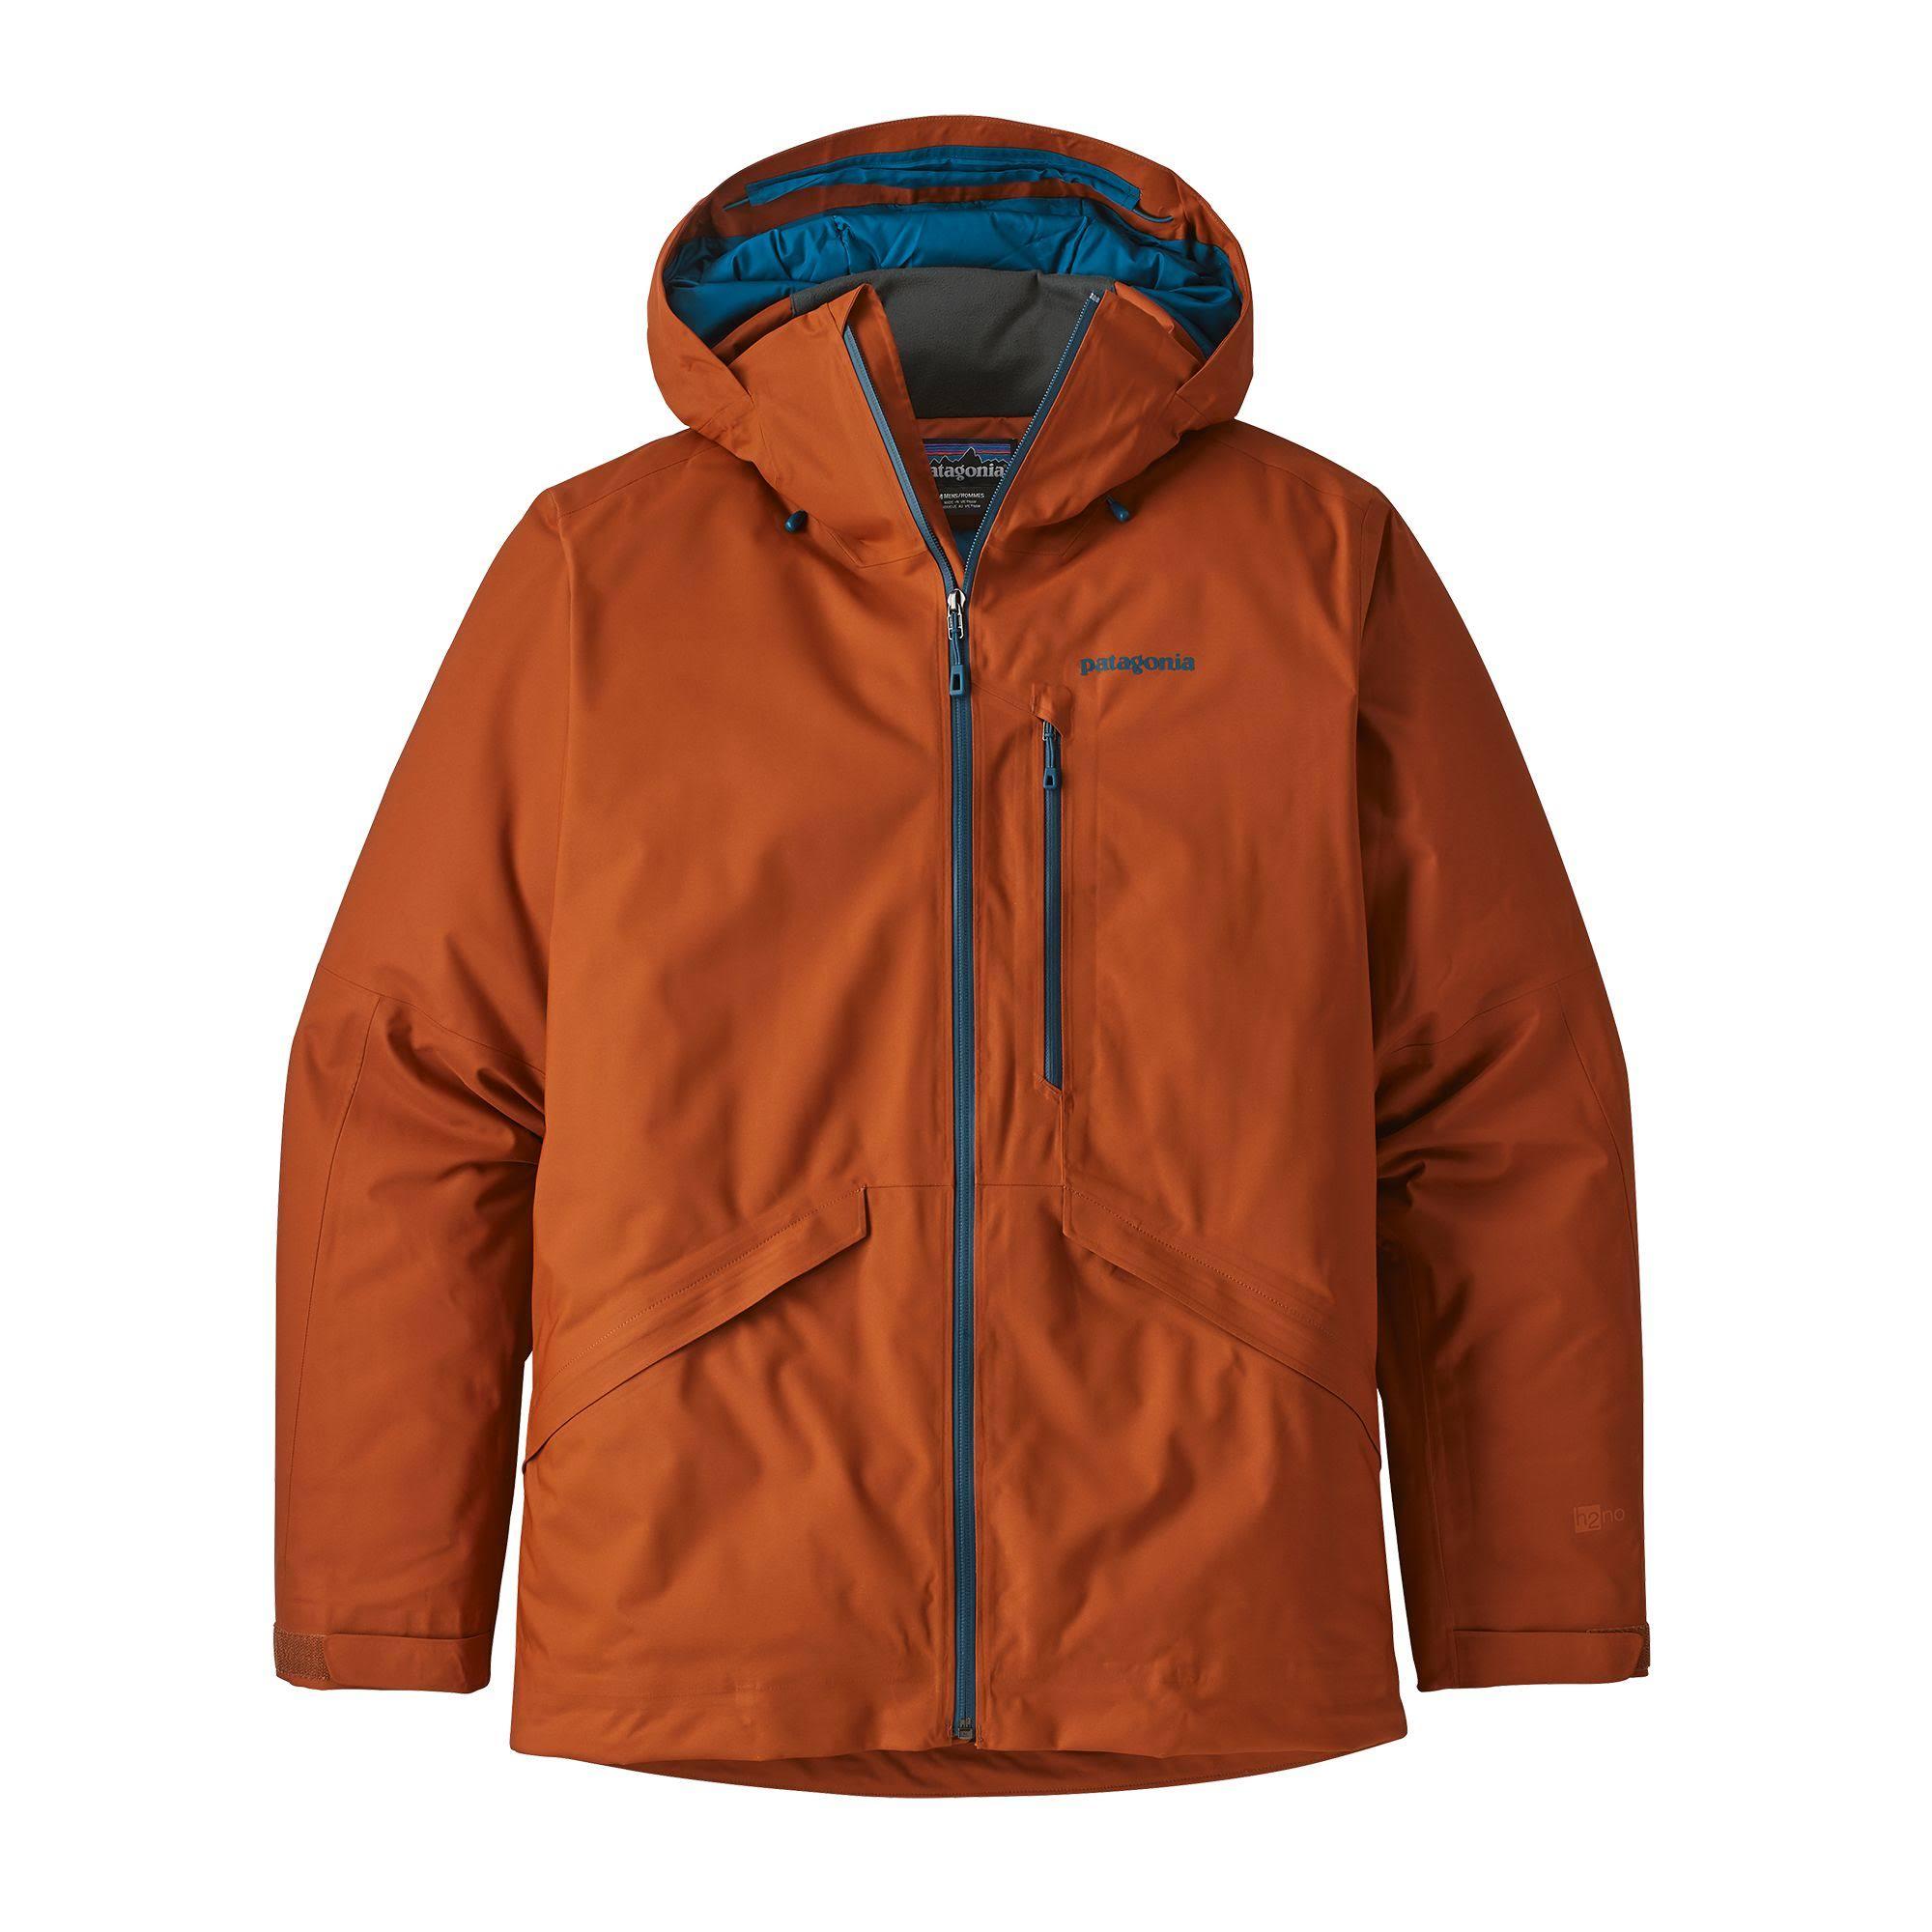 Snowshotjacke 31080 Patagonia Für Kupfererz Isolierte L Herren xfnqvXgHn